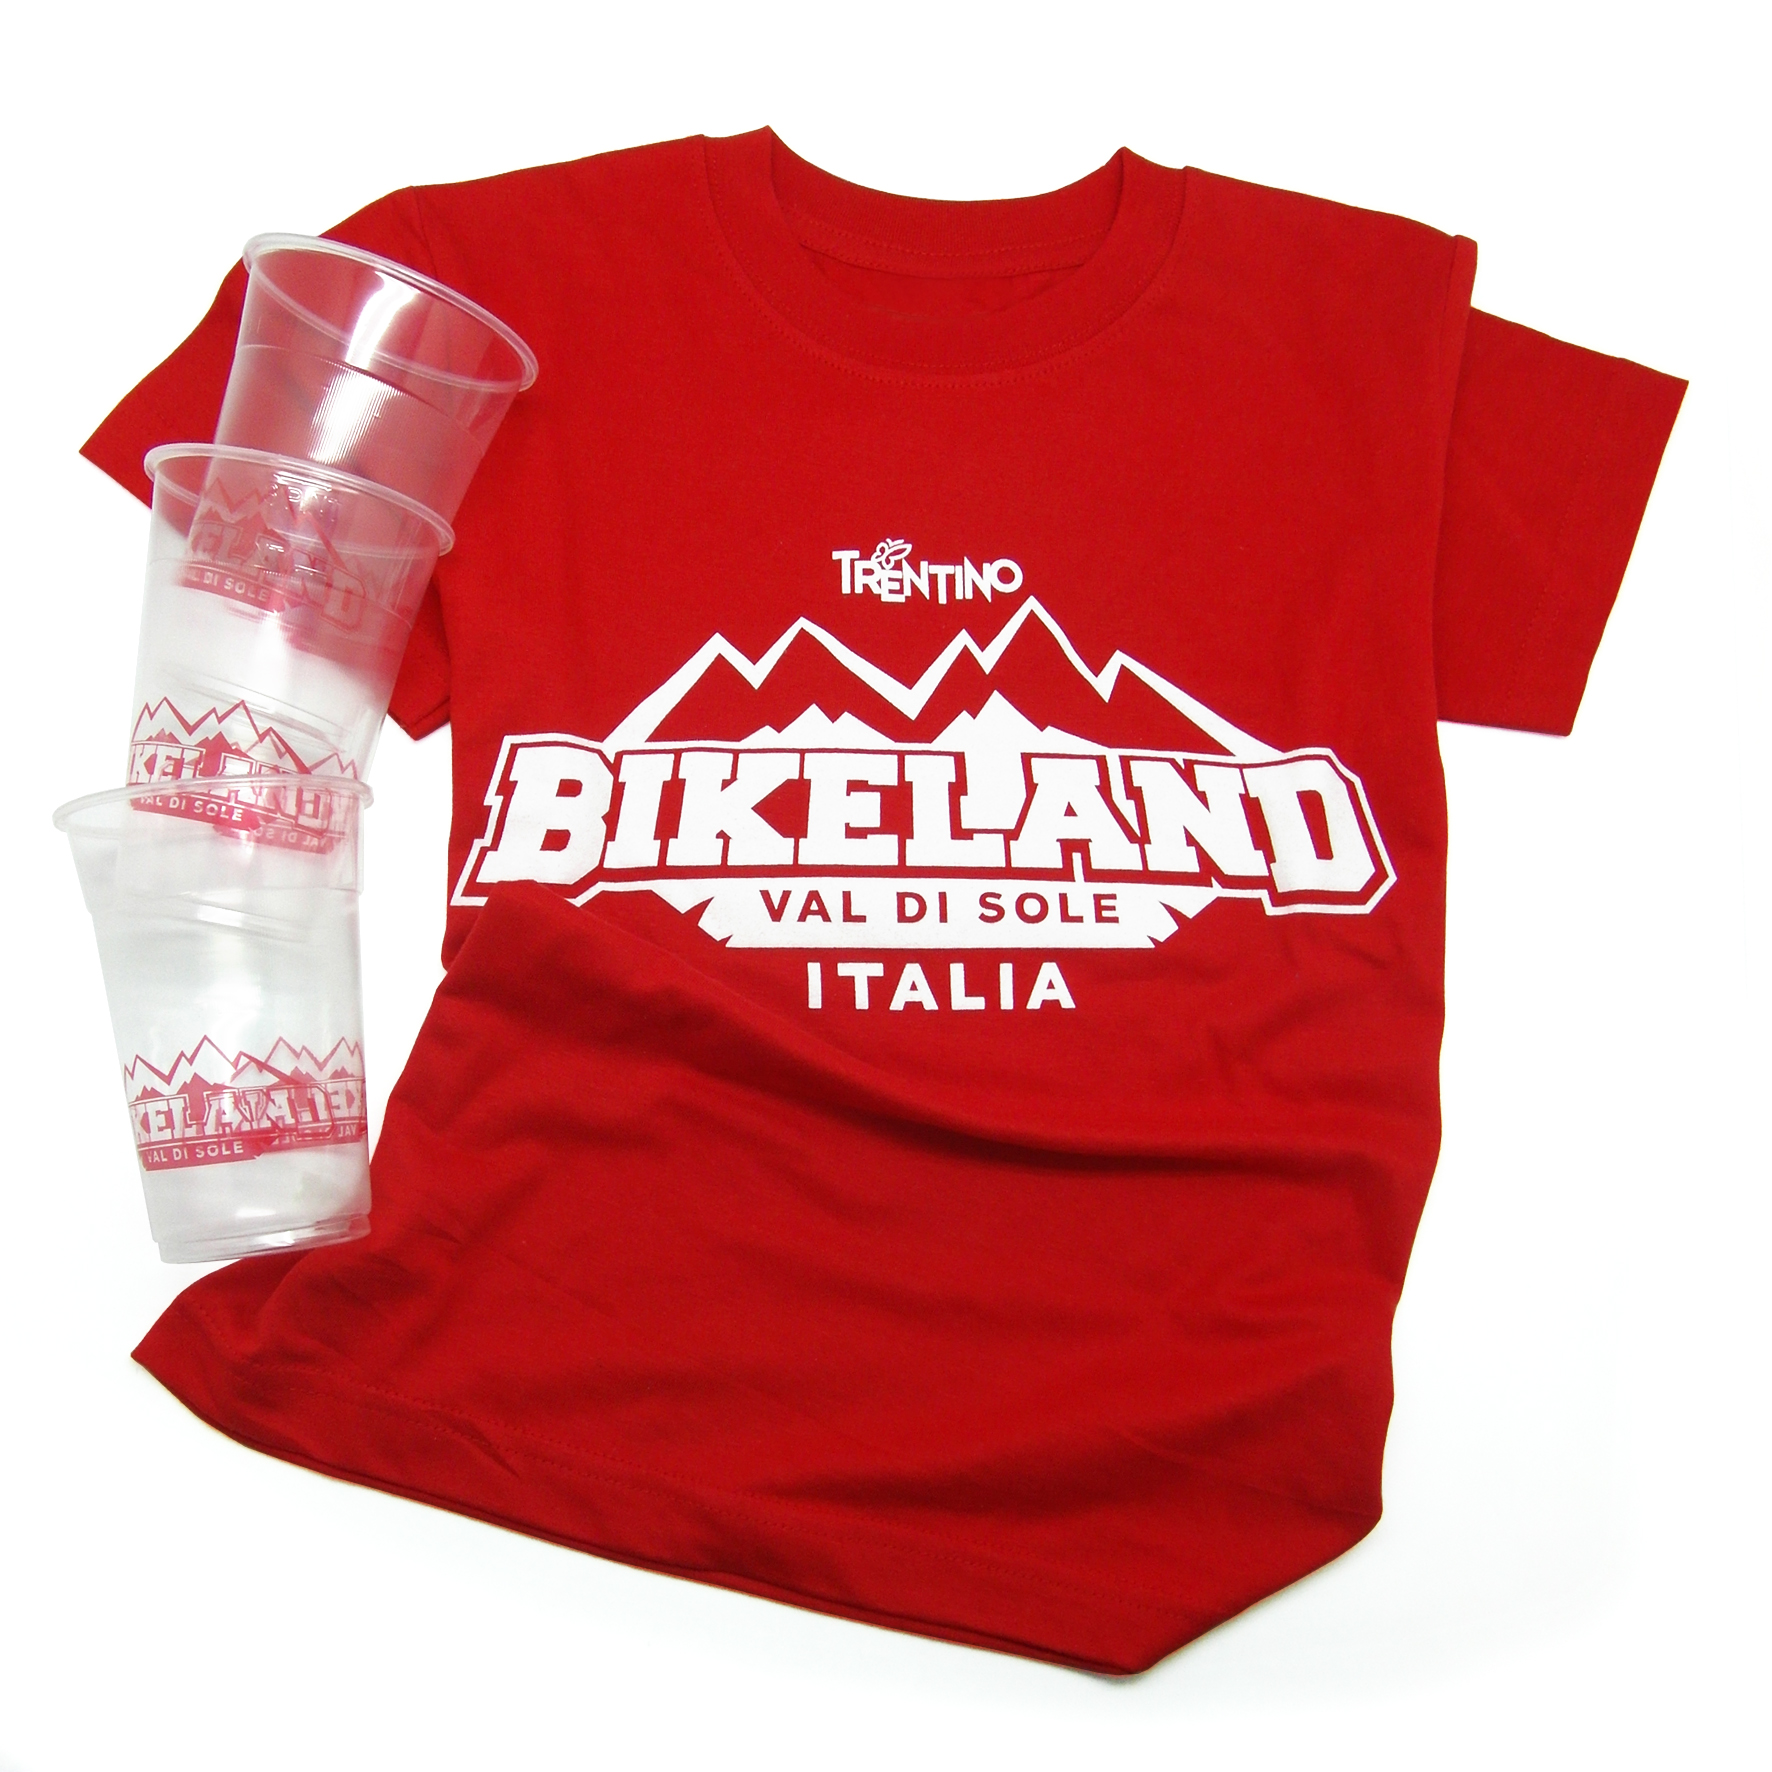 T-shirt-bicchieri-Bikeland-ValdiSole